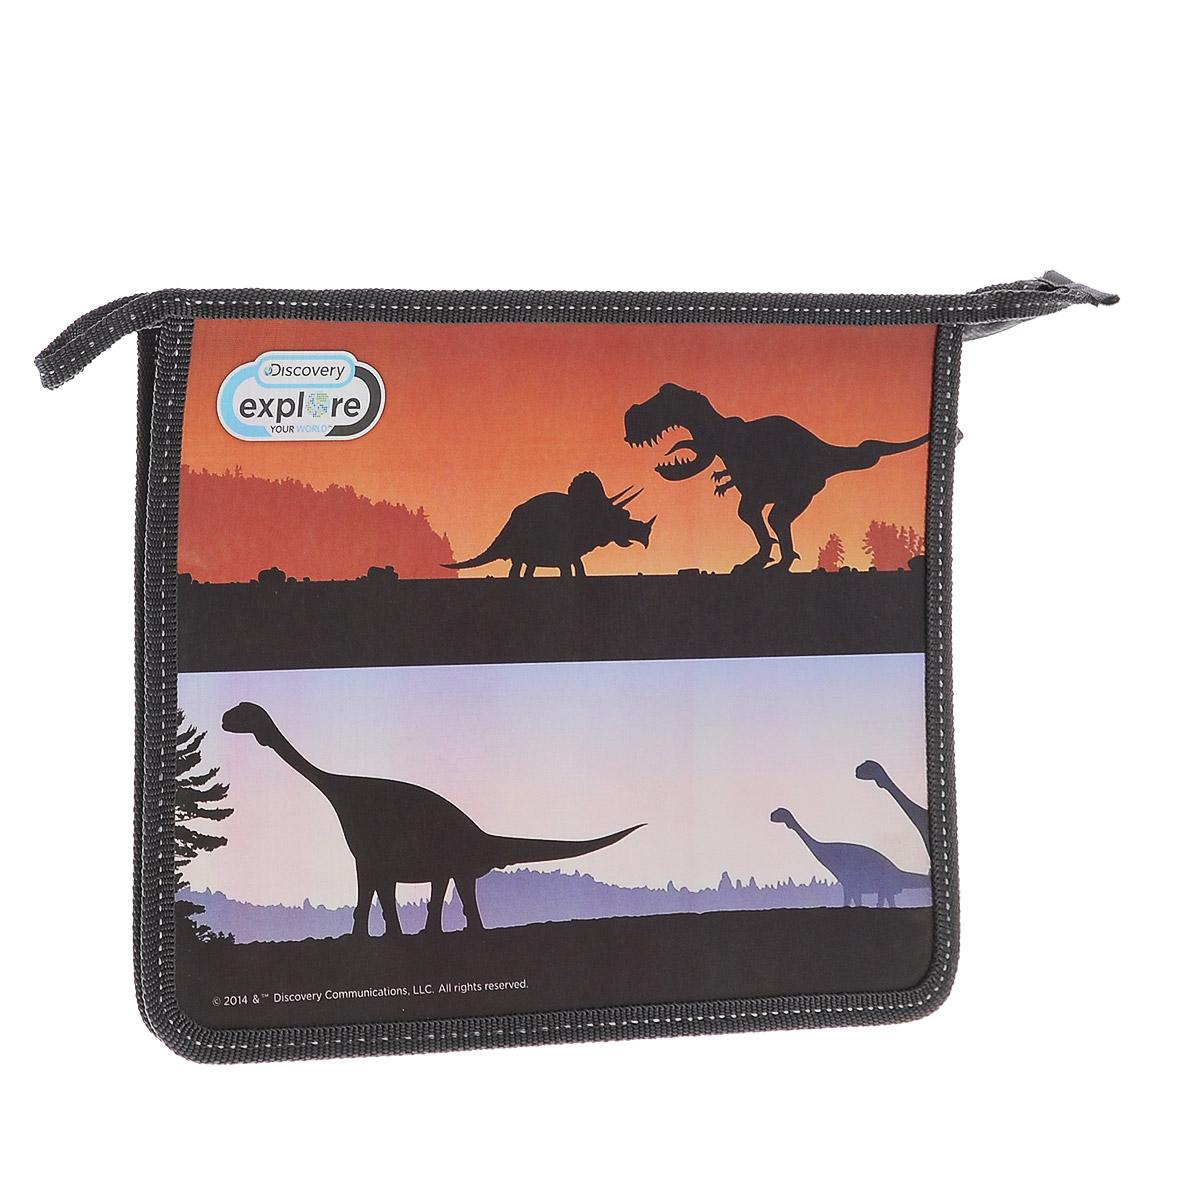 Action! Папка для тетрадей Discovery Динозавры цвет черныйFS-36052Папка Action! Discovery предназначена для хранения тетрадей, рисунков и прочих бумаг с максимальным форматом А5. Папка выполнена из прочного материала и содержит одно отделение. Закрывается она на застежку-молнию. Лицевая сторона папки оформлена изображениями силуэтов динозавров.С папкой Action! Discovery тетради вашего ребенка всегда будут выглядеть опрятно.